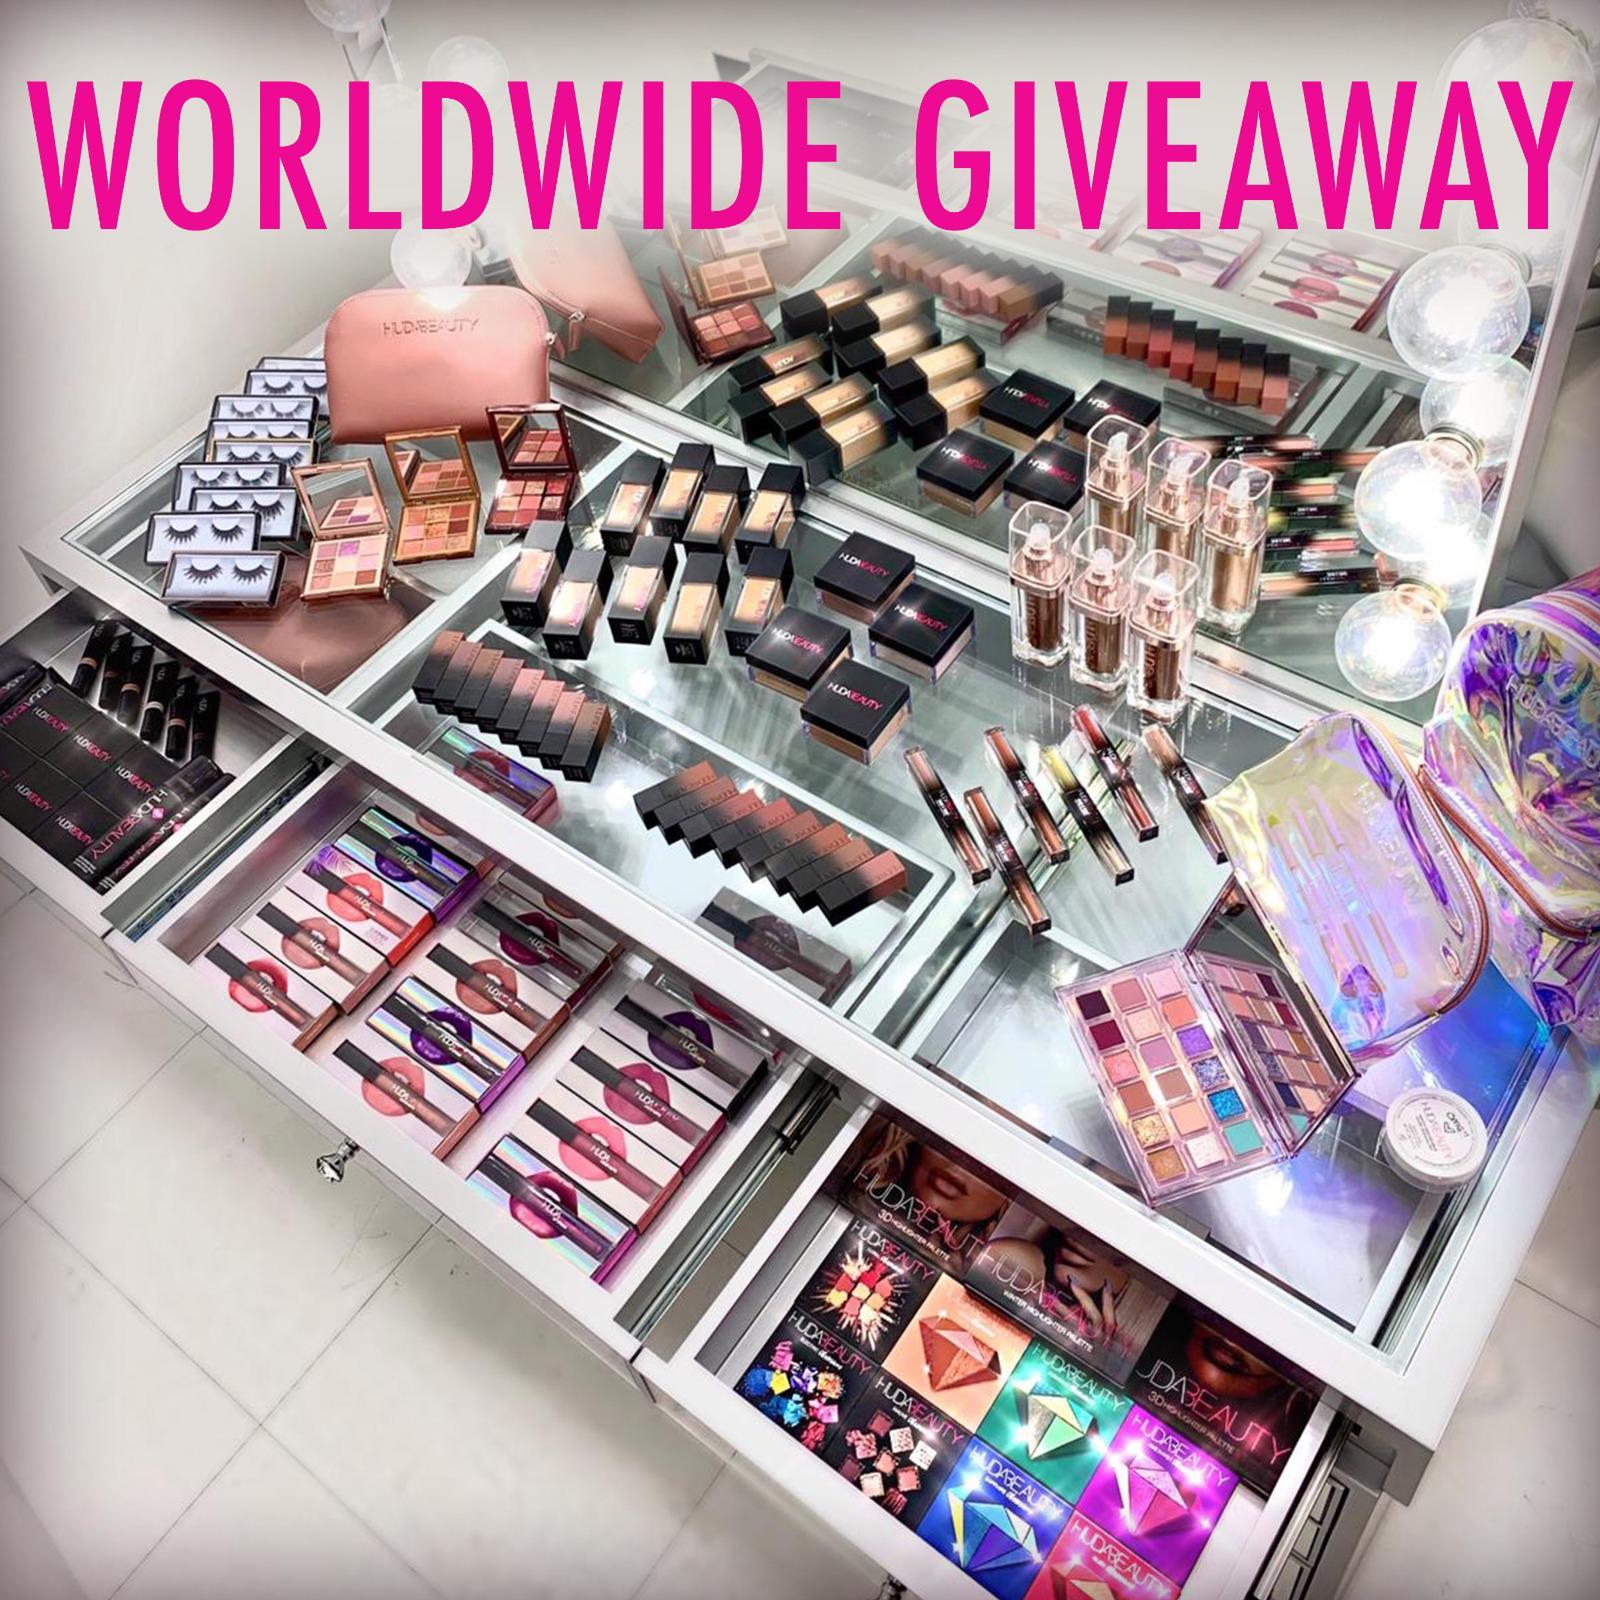 Worldwide giveaway